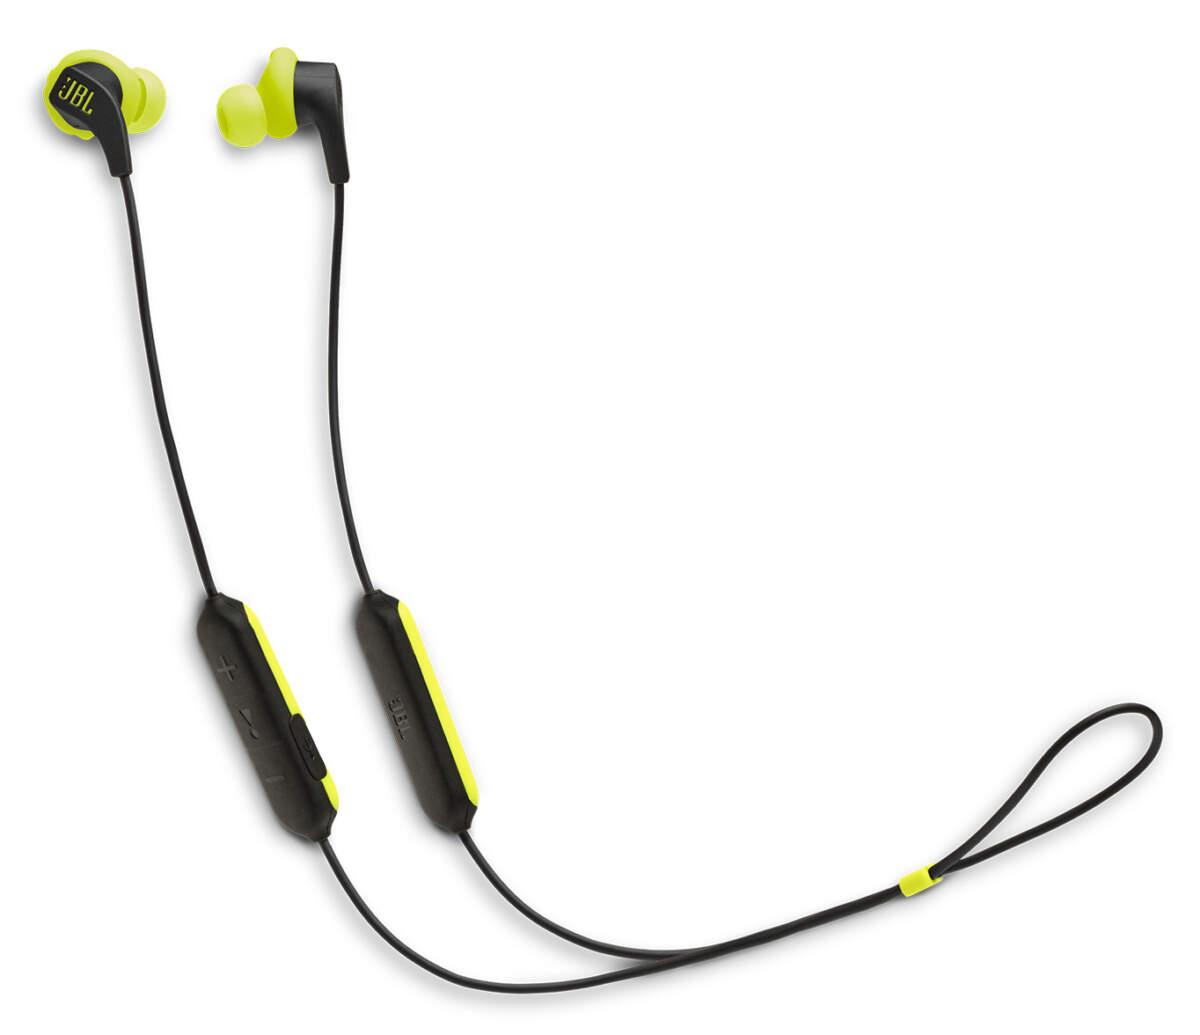 JBL Endurance RUN BT Sweatproof Wireless In-Ear Sport Headphones